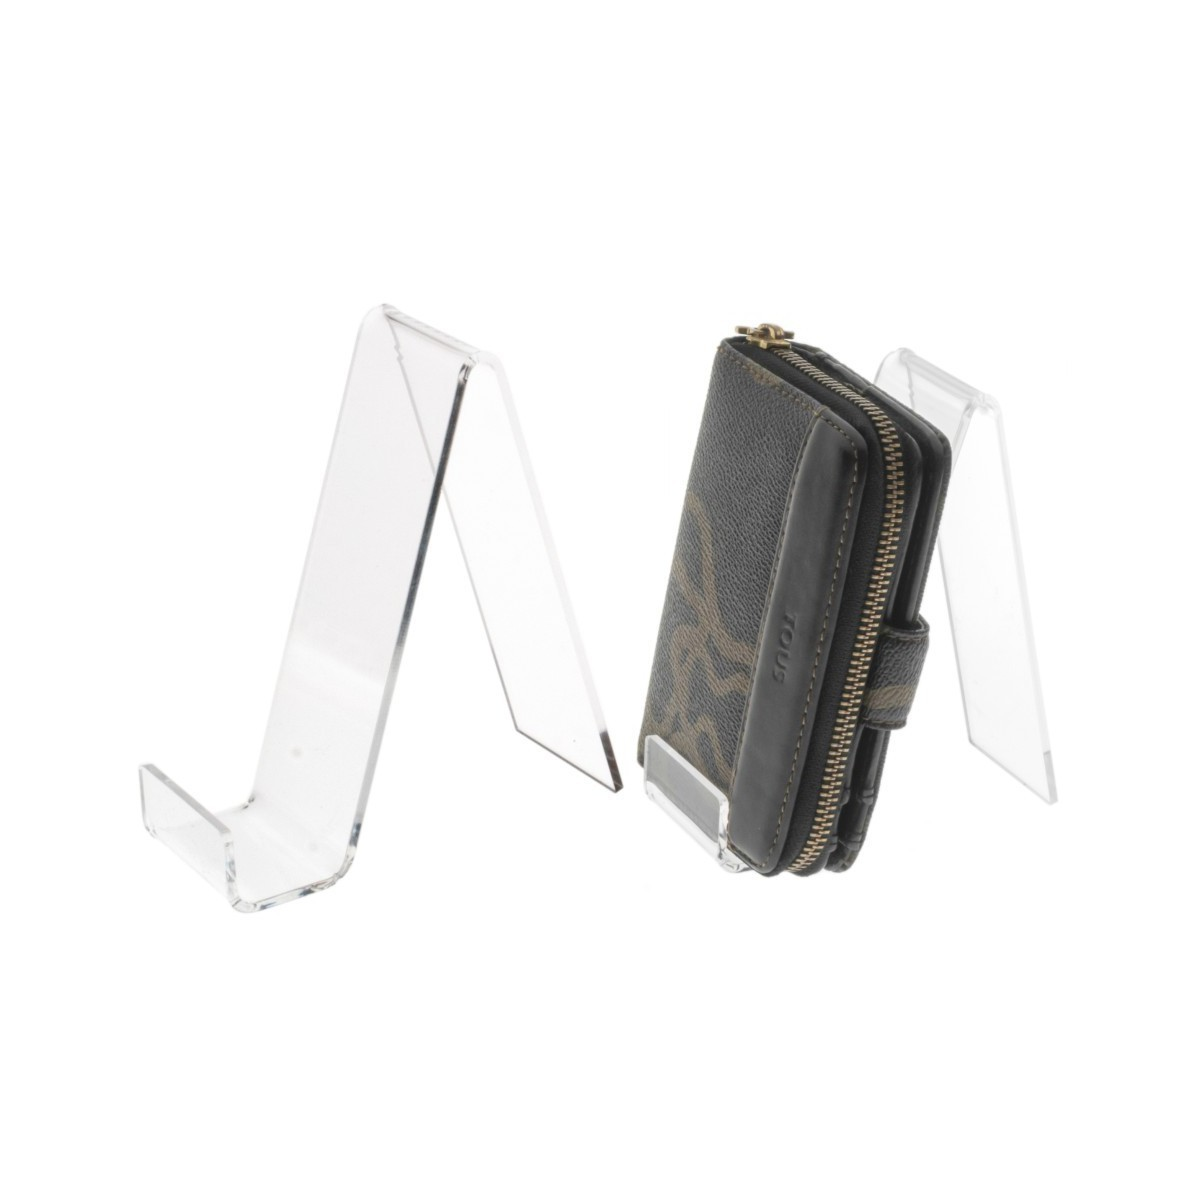 E-155 - Espositore universale in plexiglass trasparente